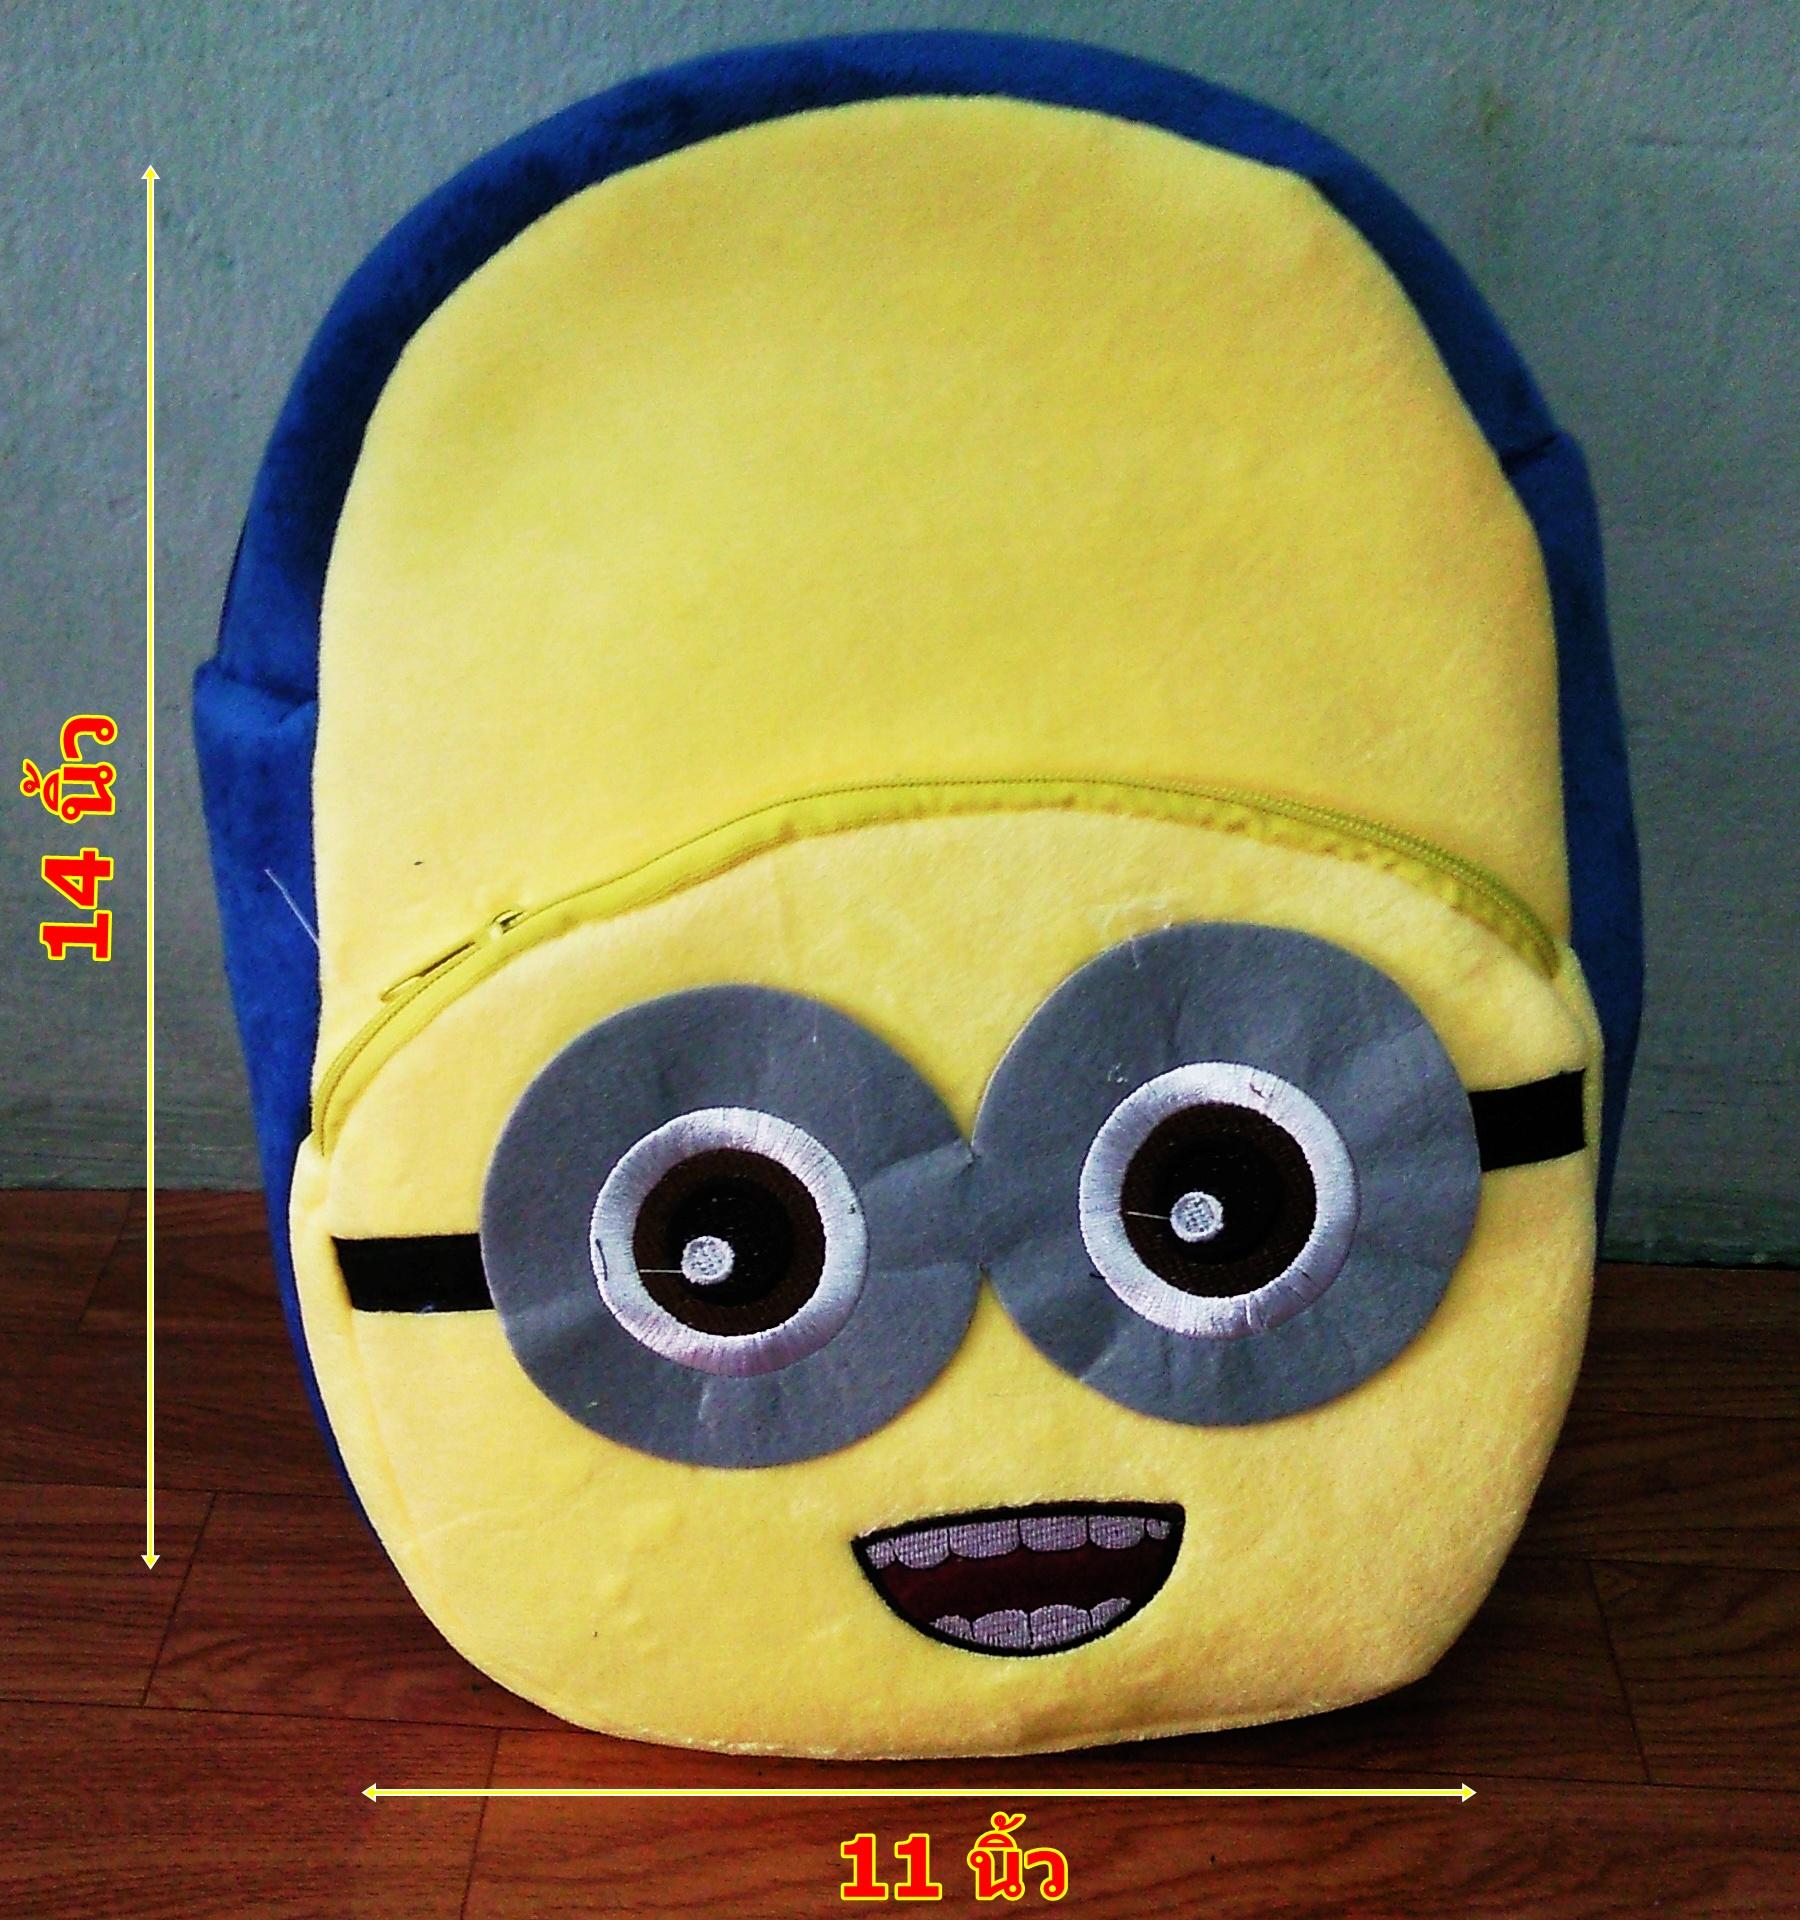 กระเป๋าเป้ มินเนี่ยน Minion Despicable Me (มาใหม่ล่าสุด) แบบที่ 2